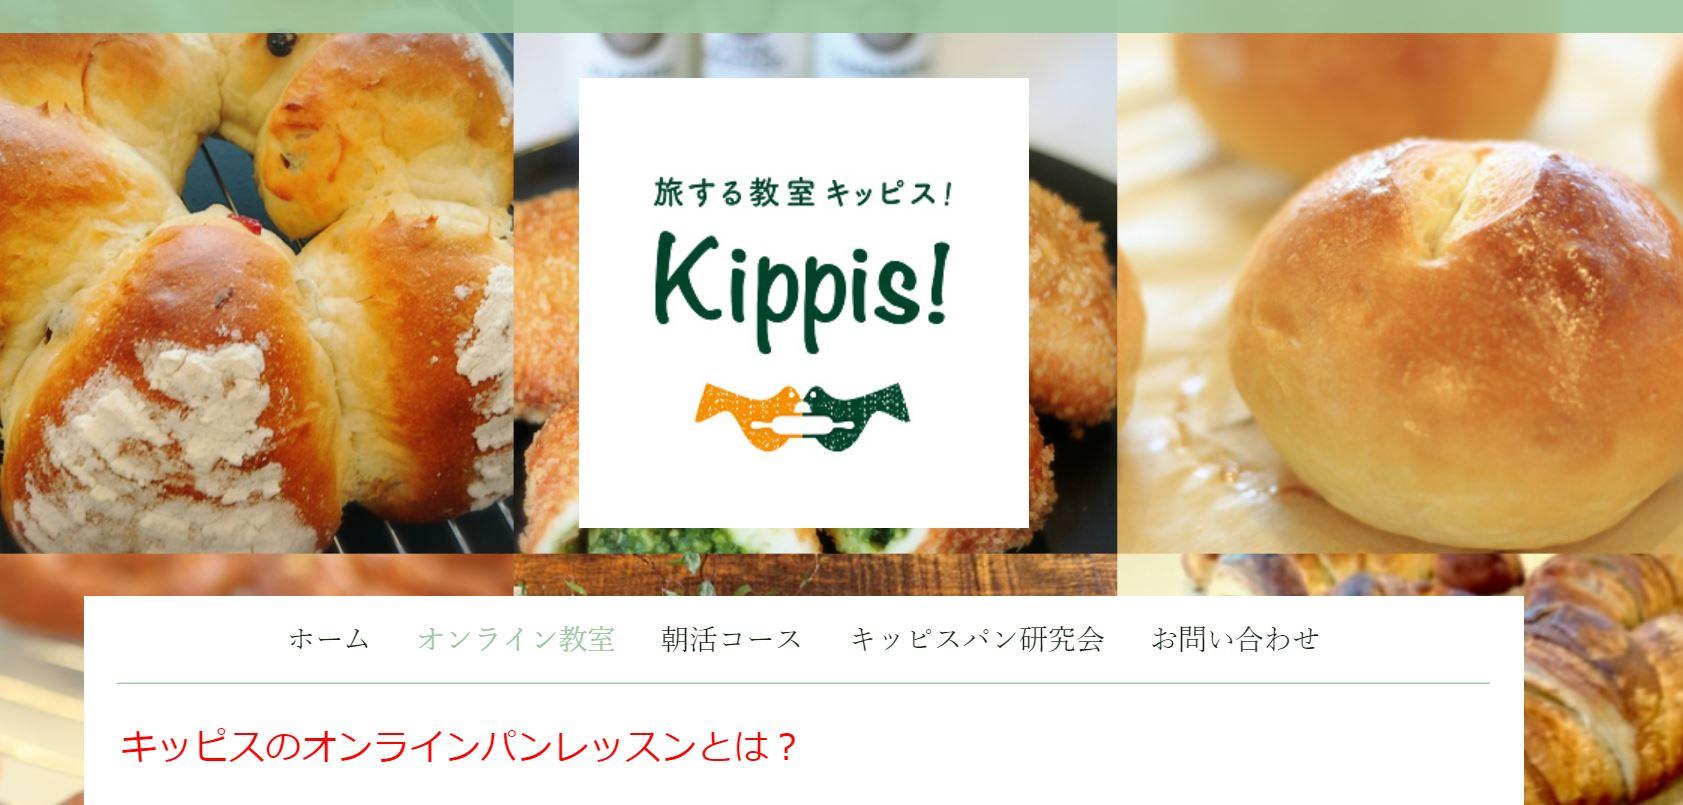 Kippis オンライン パンレッスン